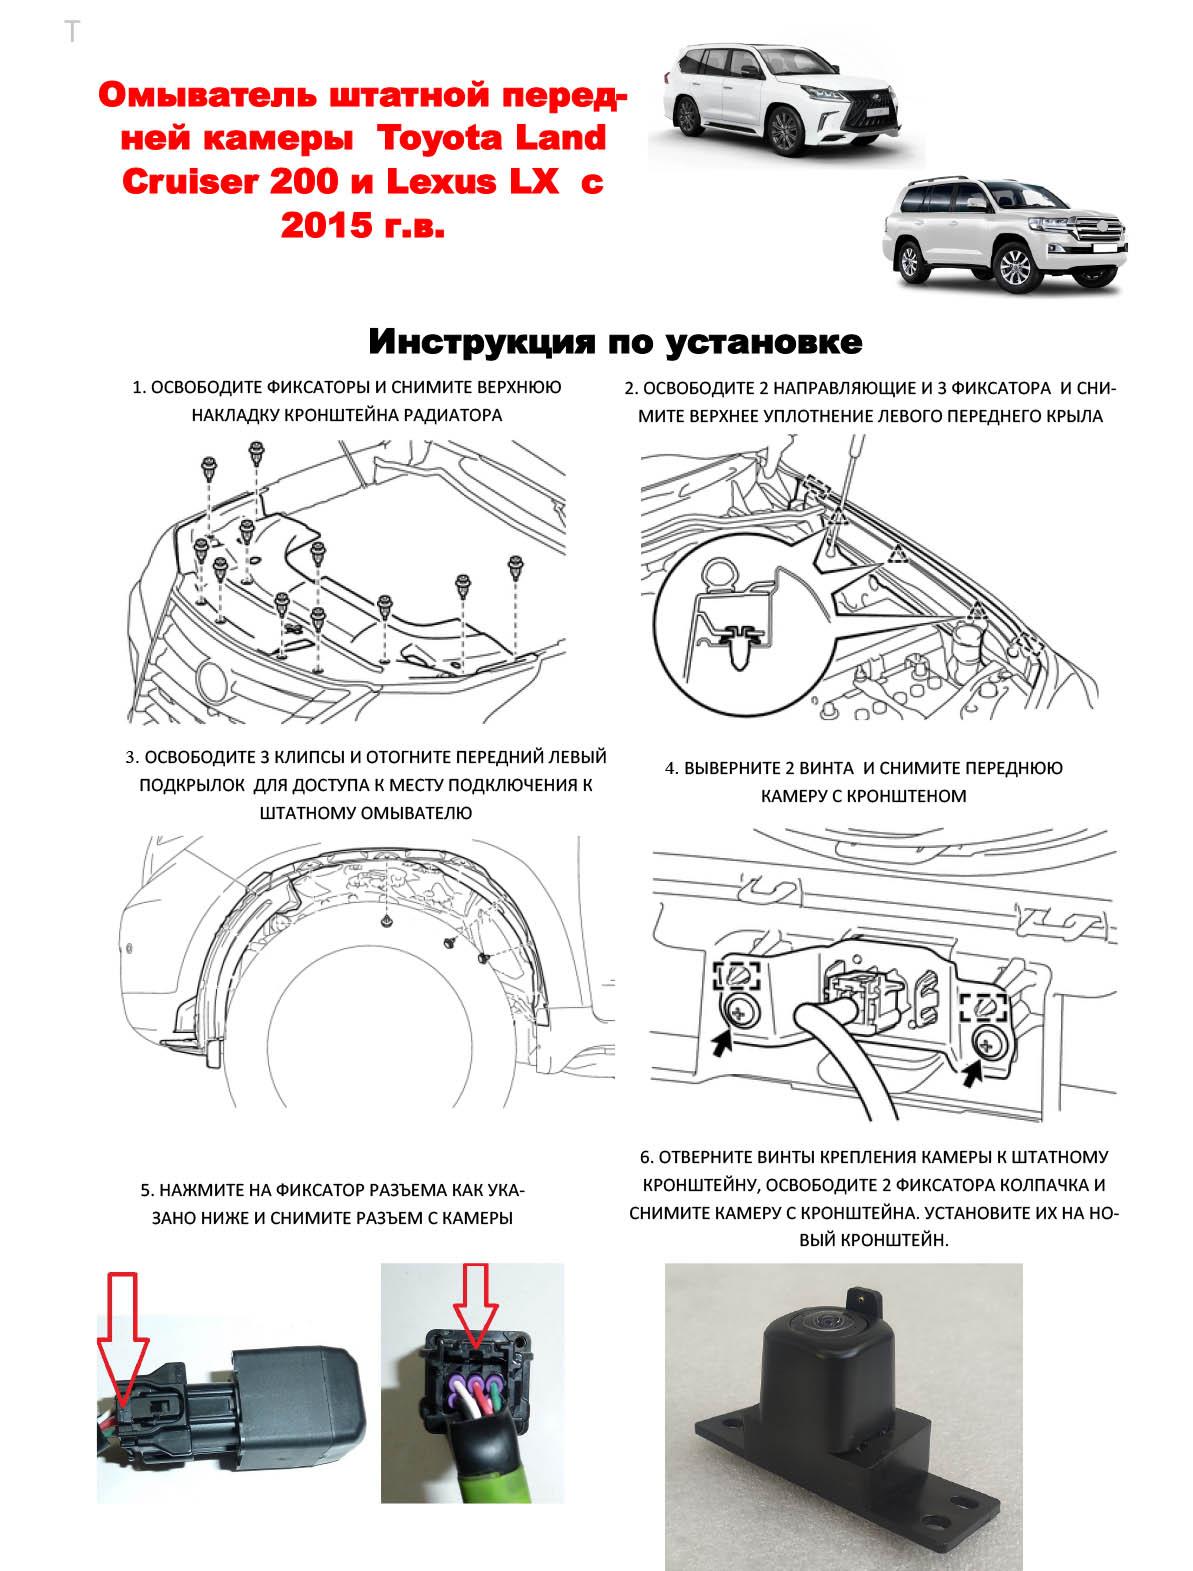 Инструкция по установке омывателя передней камеры Lexus LX